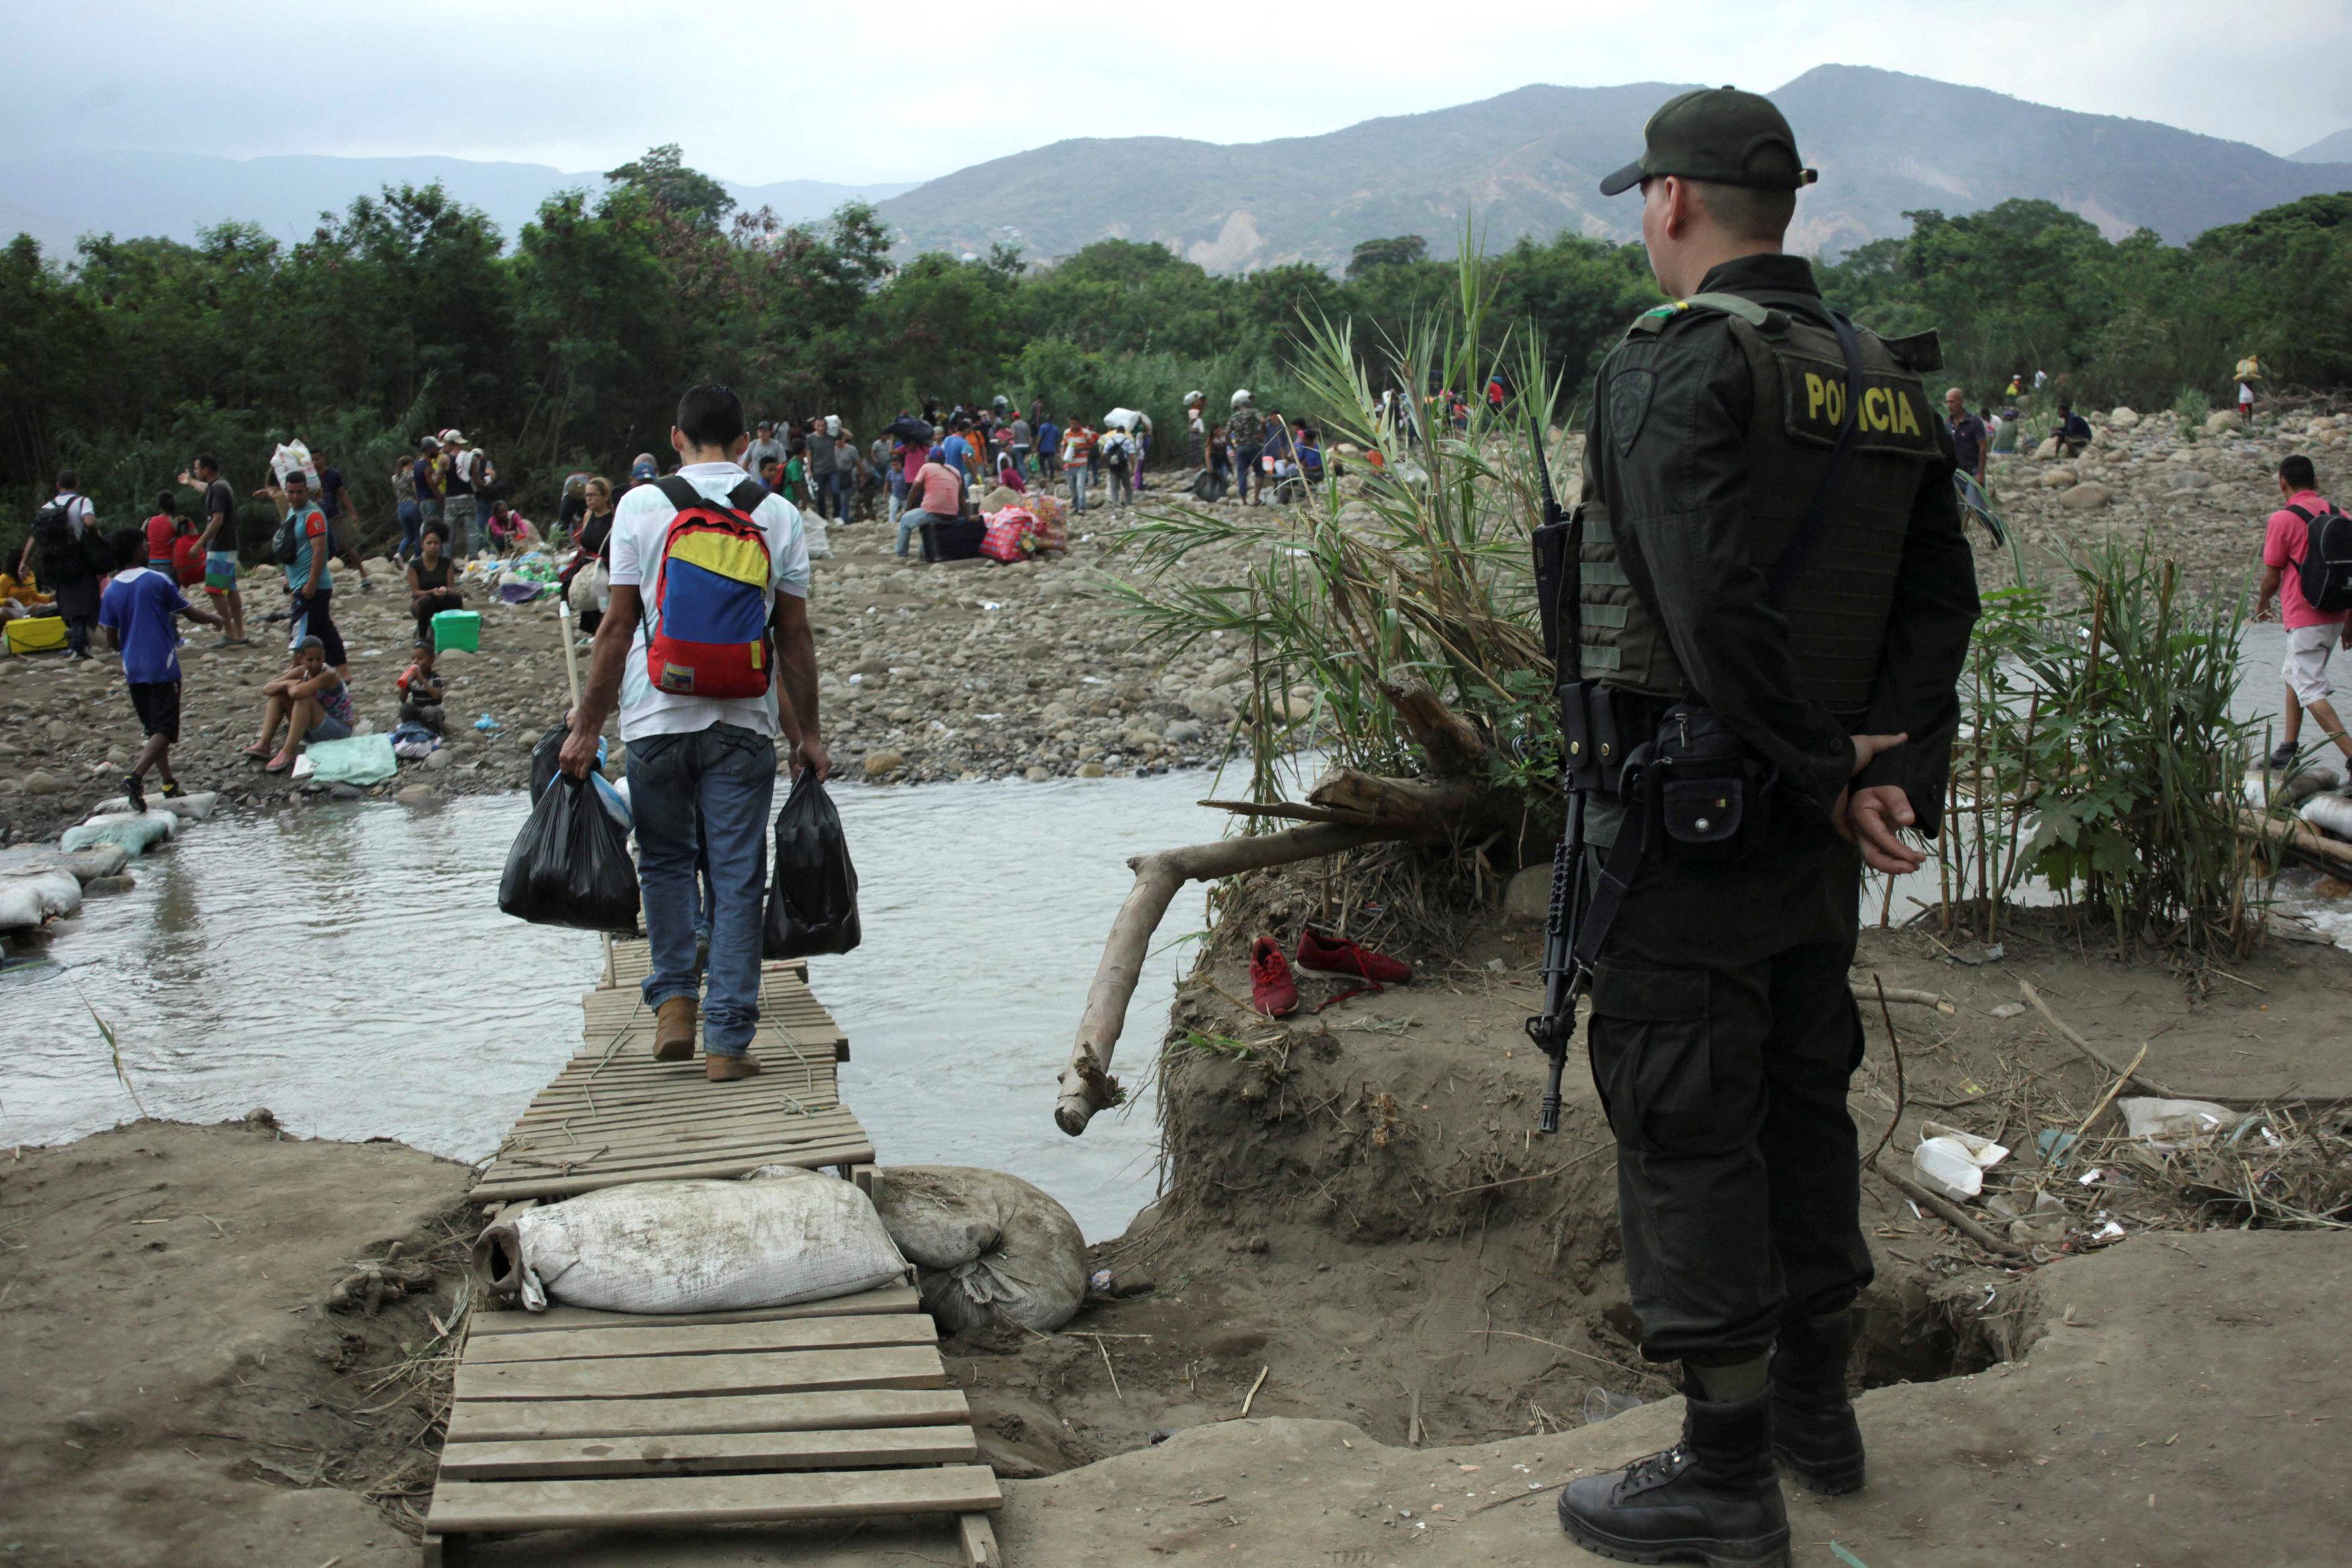 Sobrevivir En La Frontera Venezolana Donde No Hay Bolívares Y Nadie Los Quiere